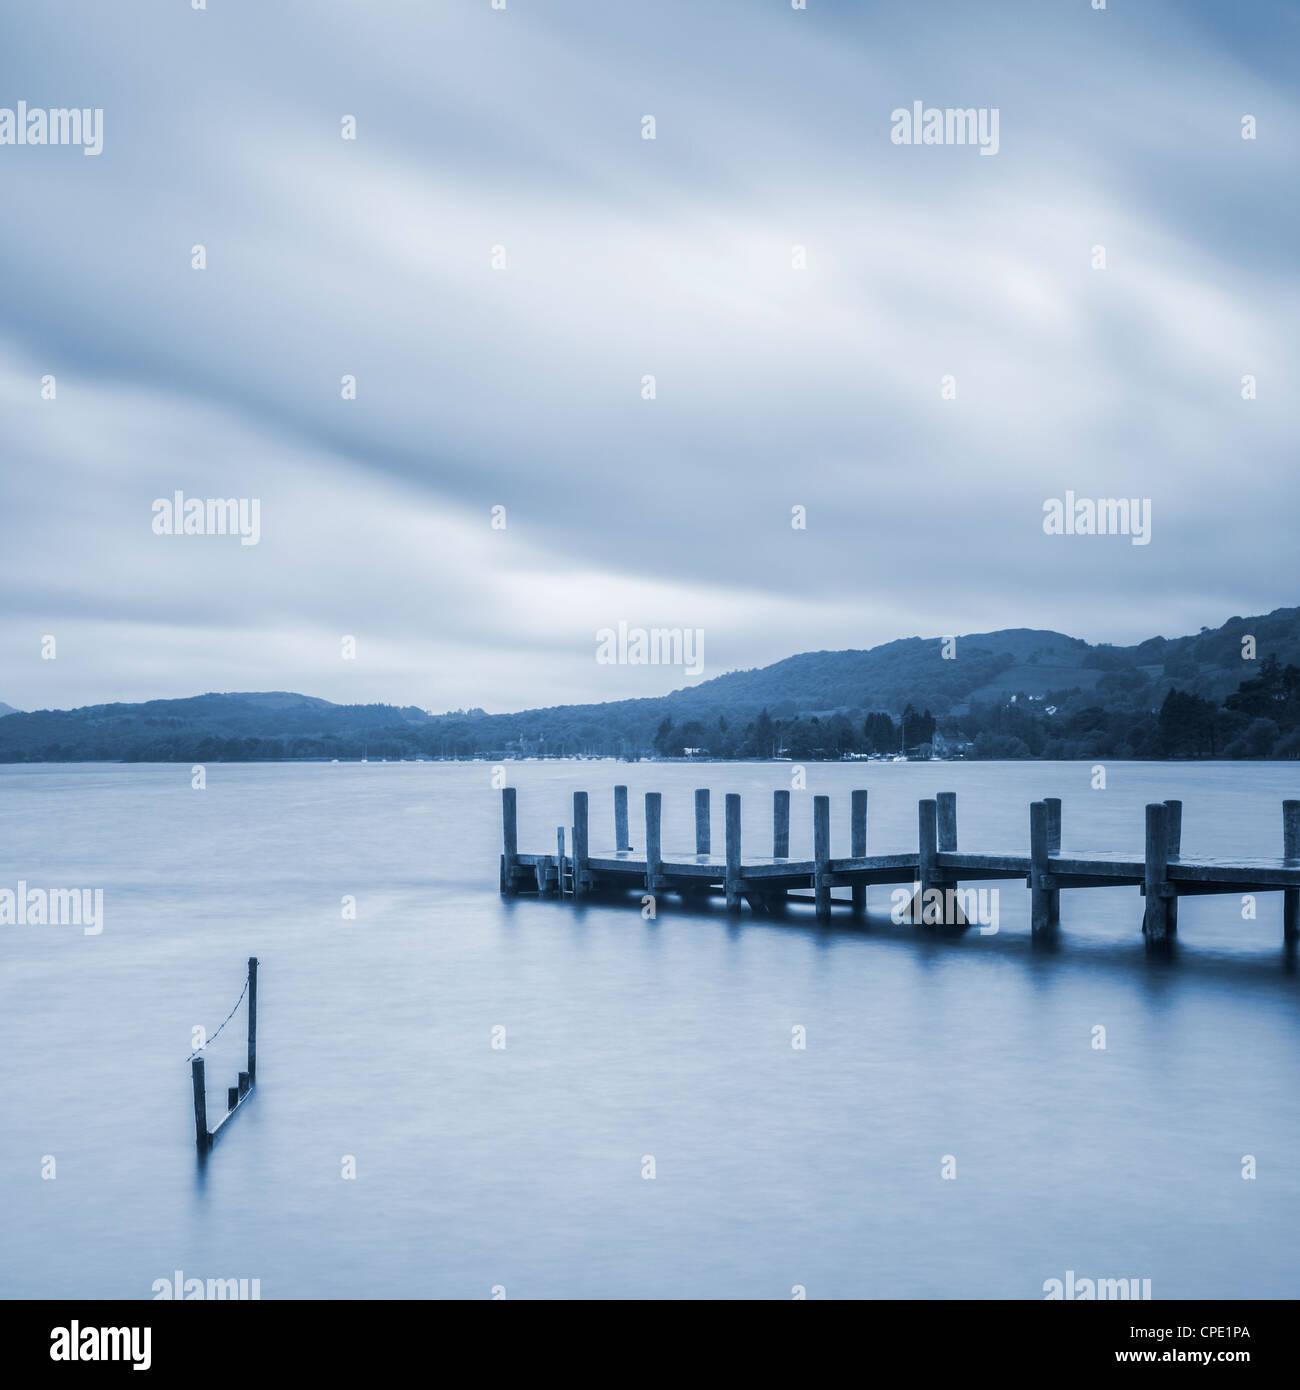 Una tranquila mañana en Coniston en el agua English Lake District, con embarcadero y vallado en el primer plano. Imagen De Stock